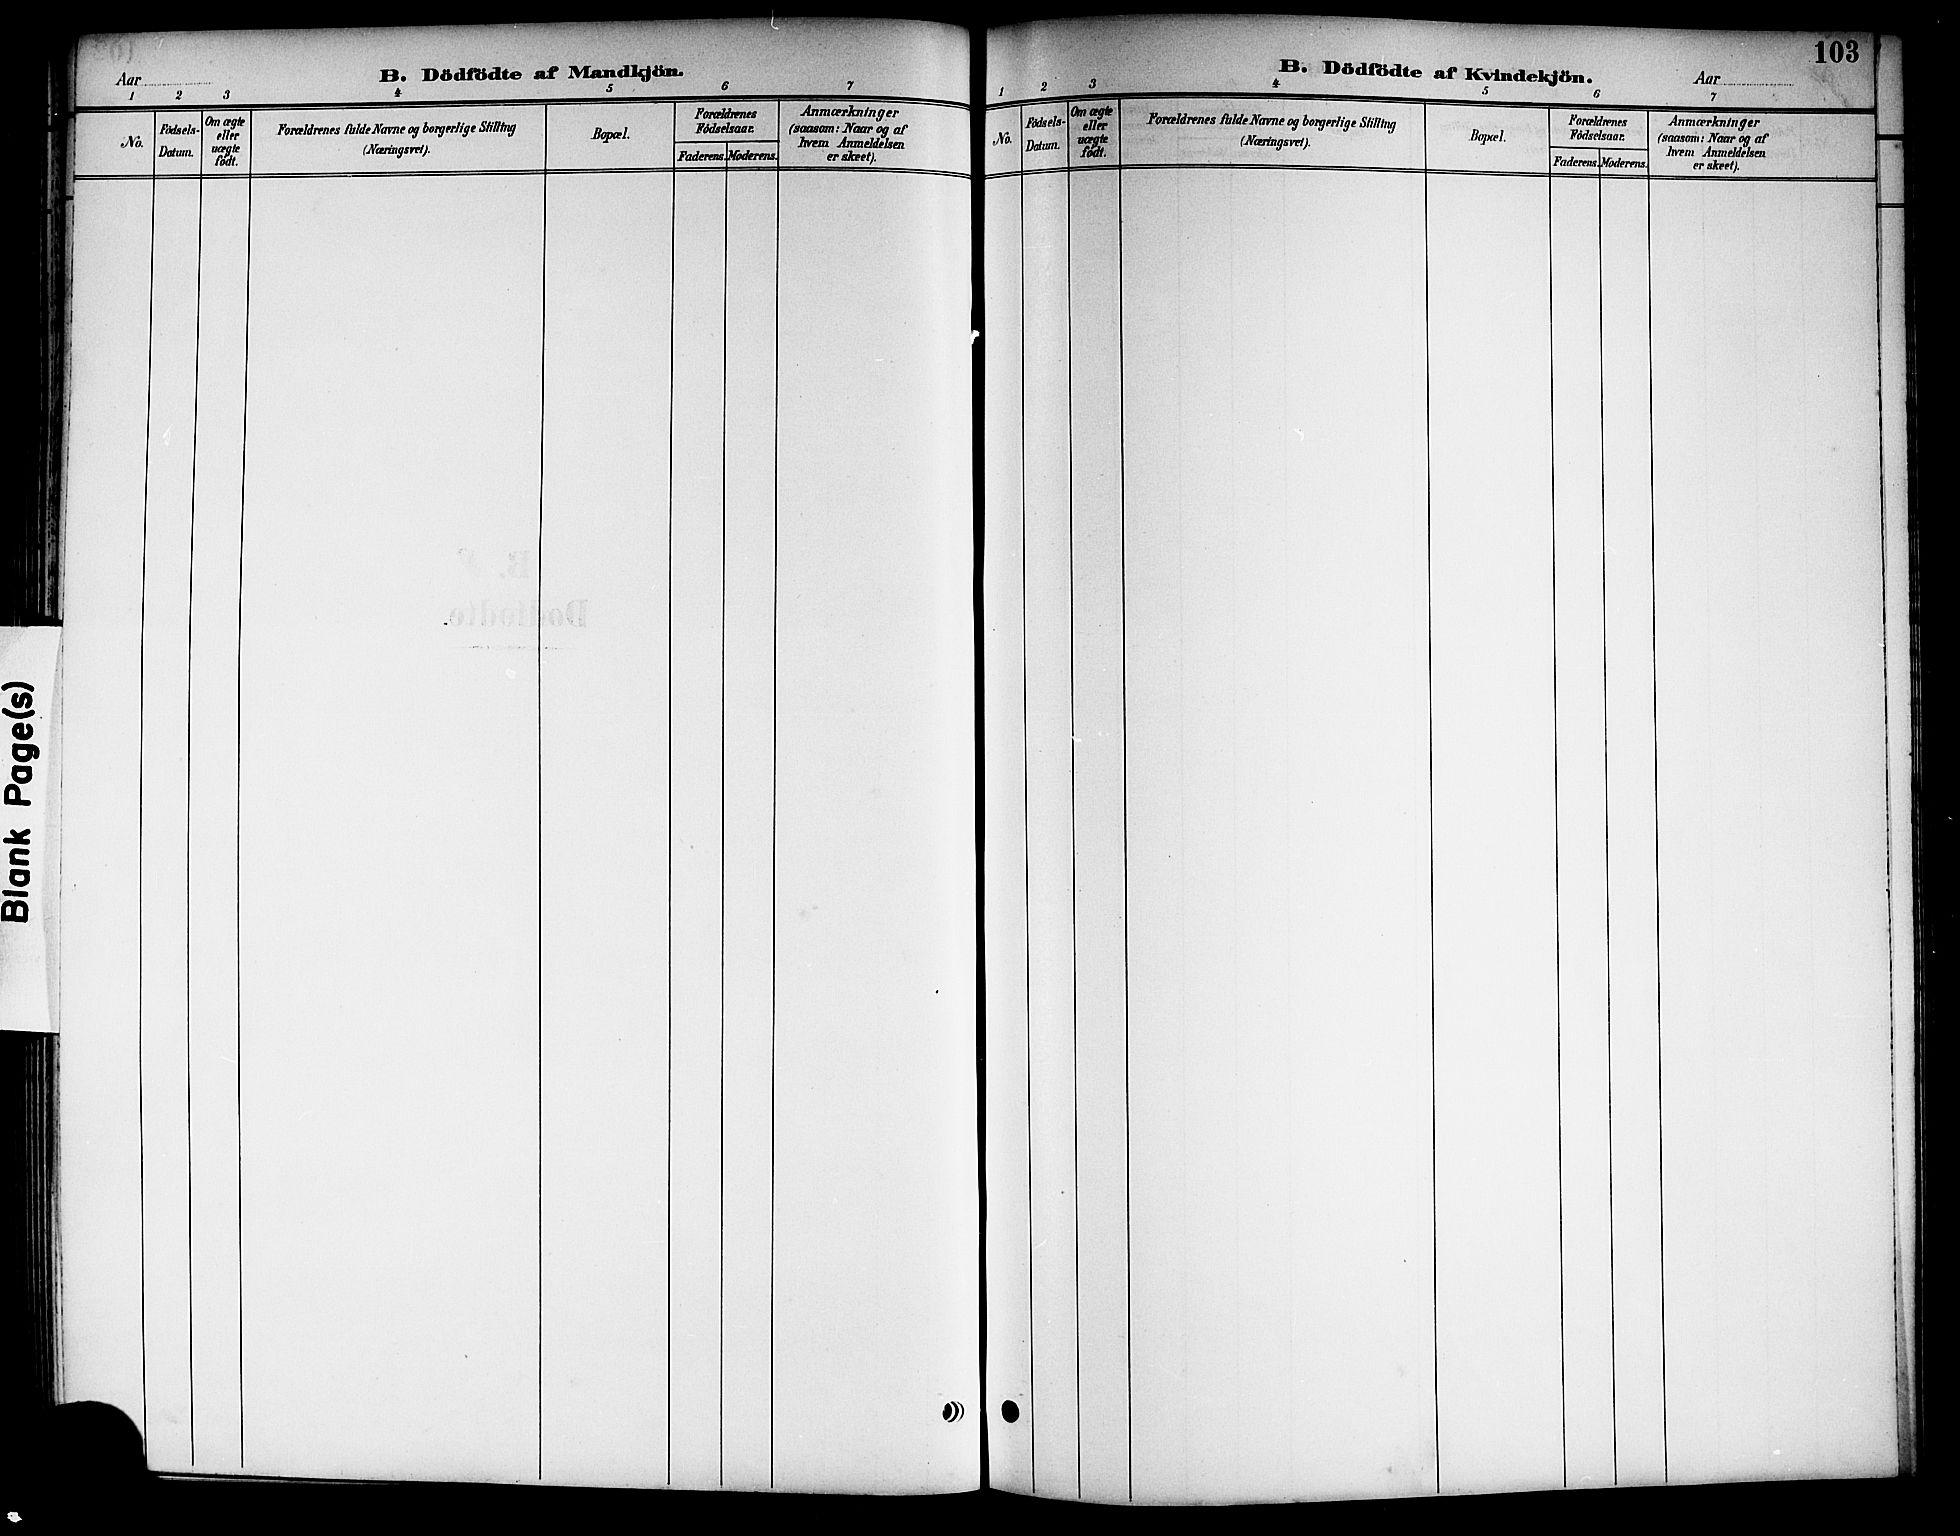 SAKO, Kviteseid kirkebøker, G/Ga/L0002: Klokkerbok nr. I 2, 1893-1918, s. 103